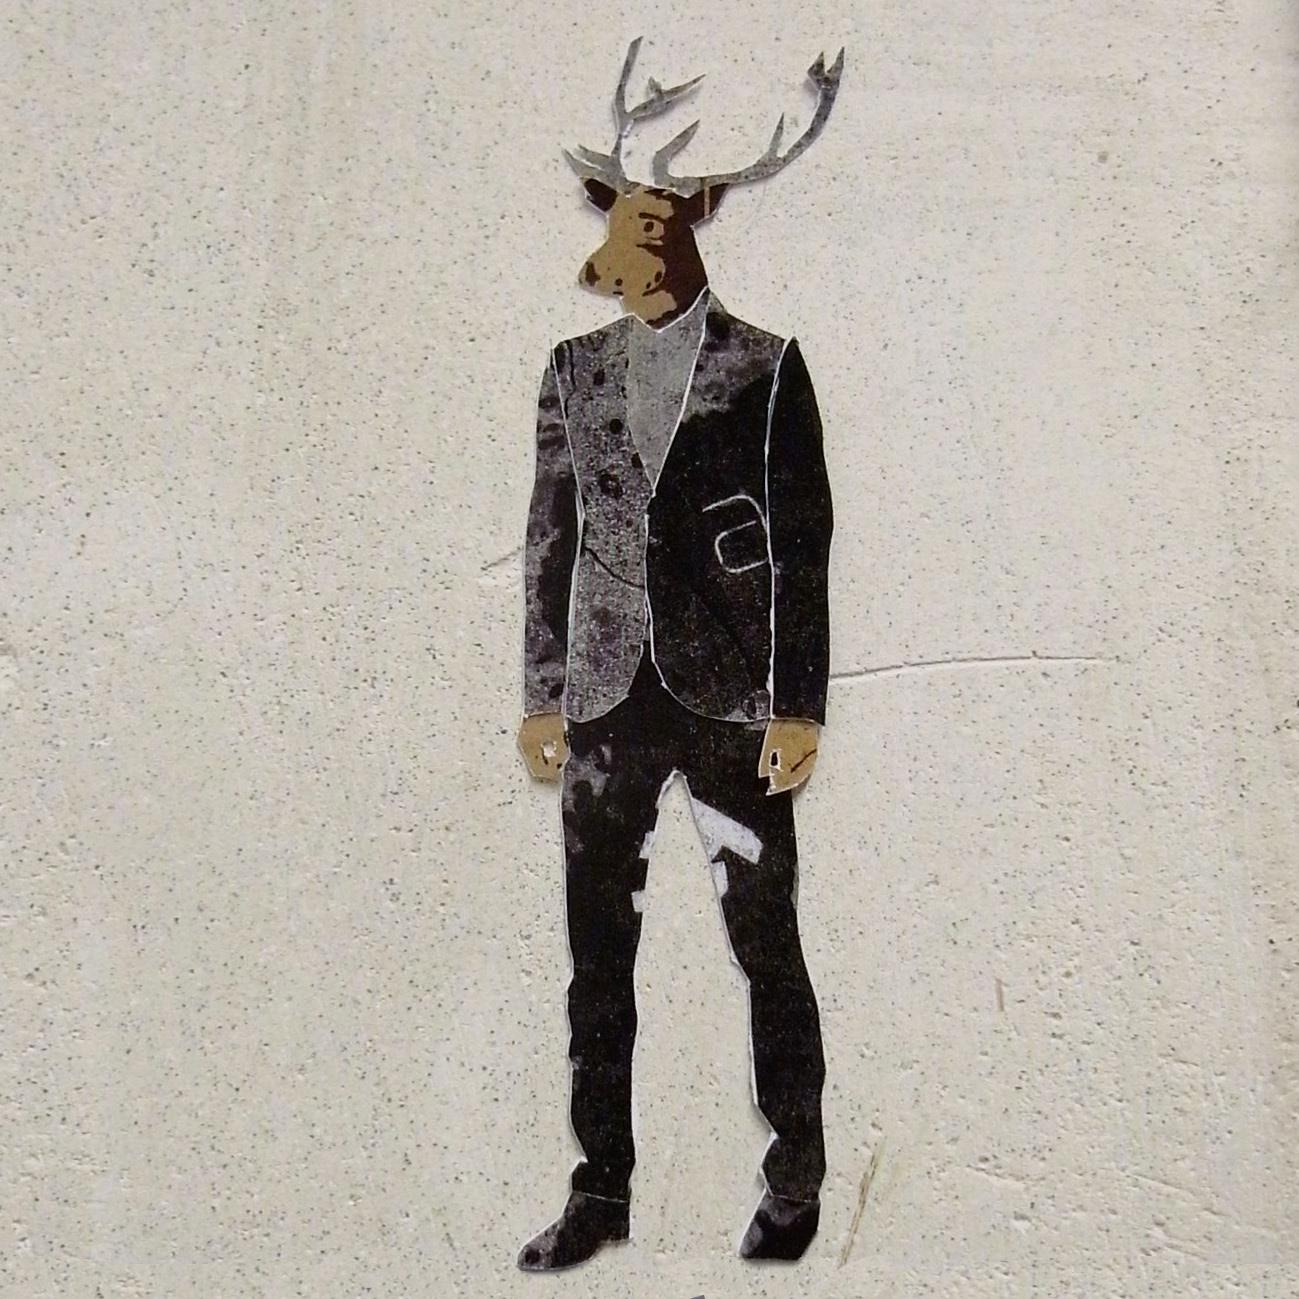 deer in a suit